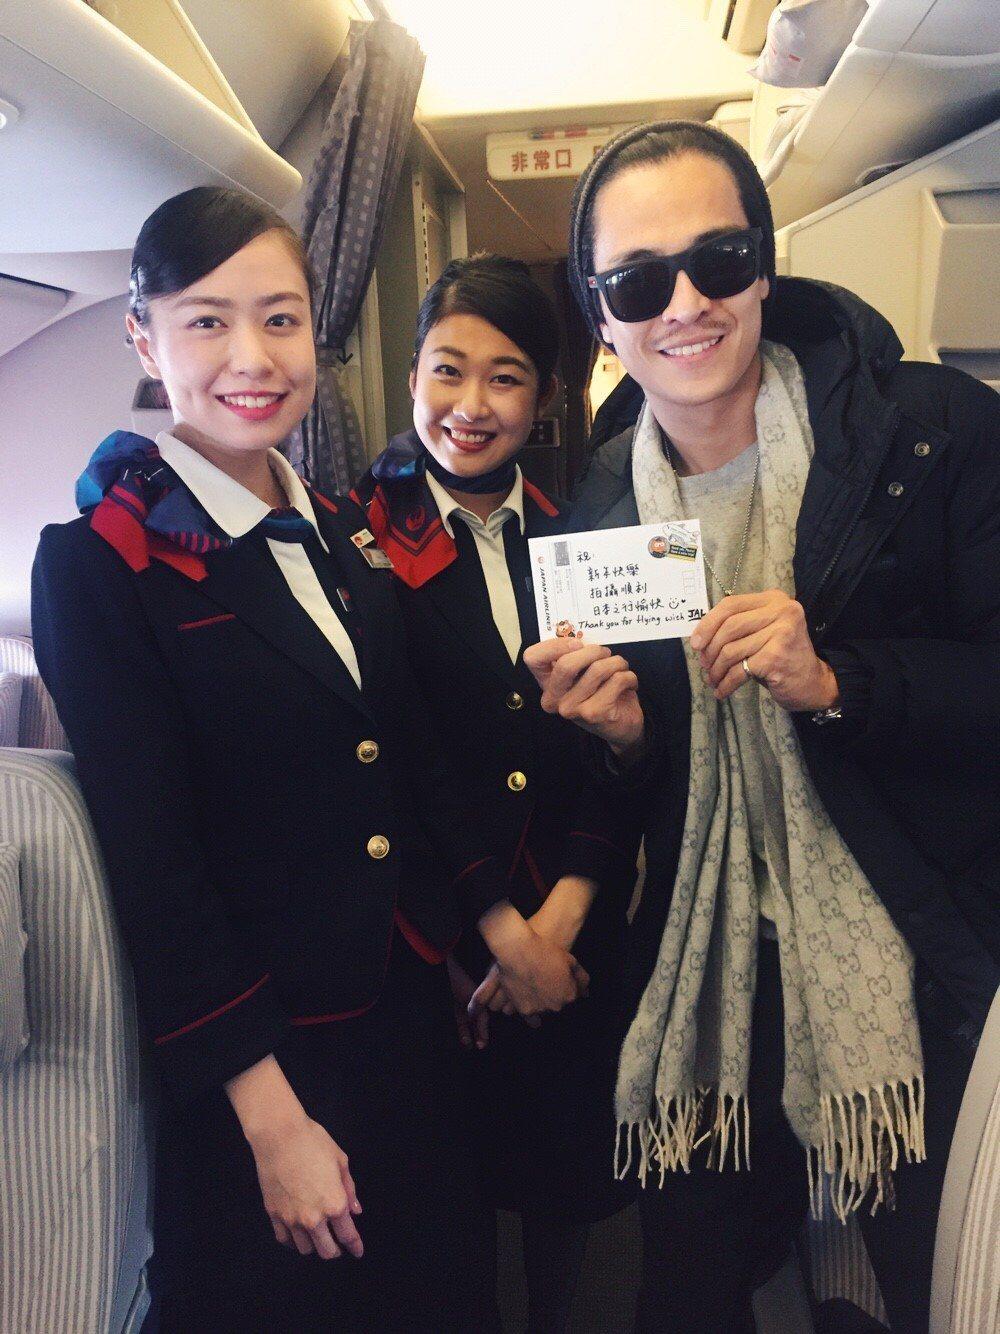 Gino日前過生日,在飛機上空姐寫生日賀卡。圖/民視提供